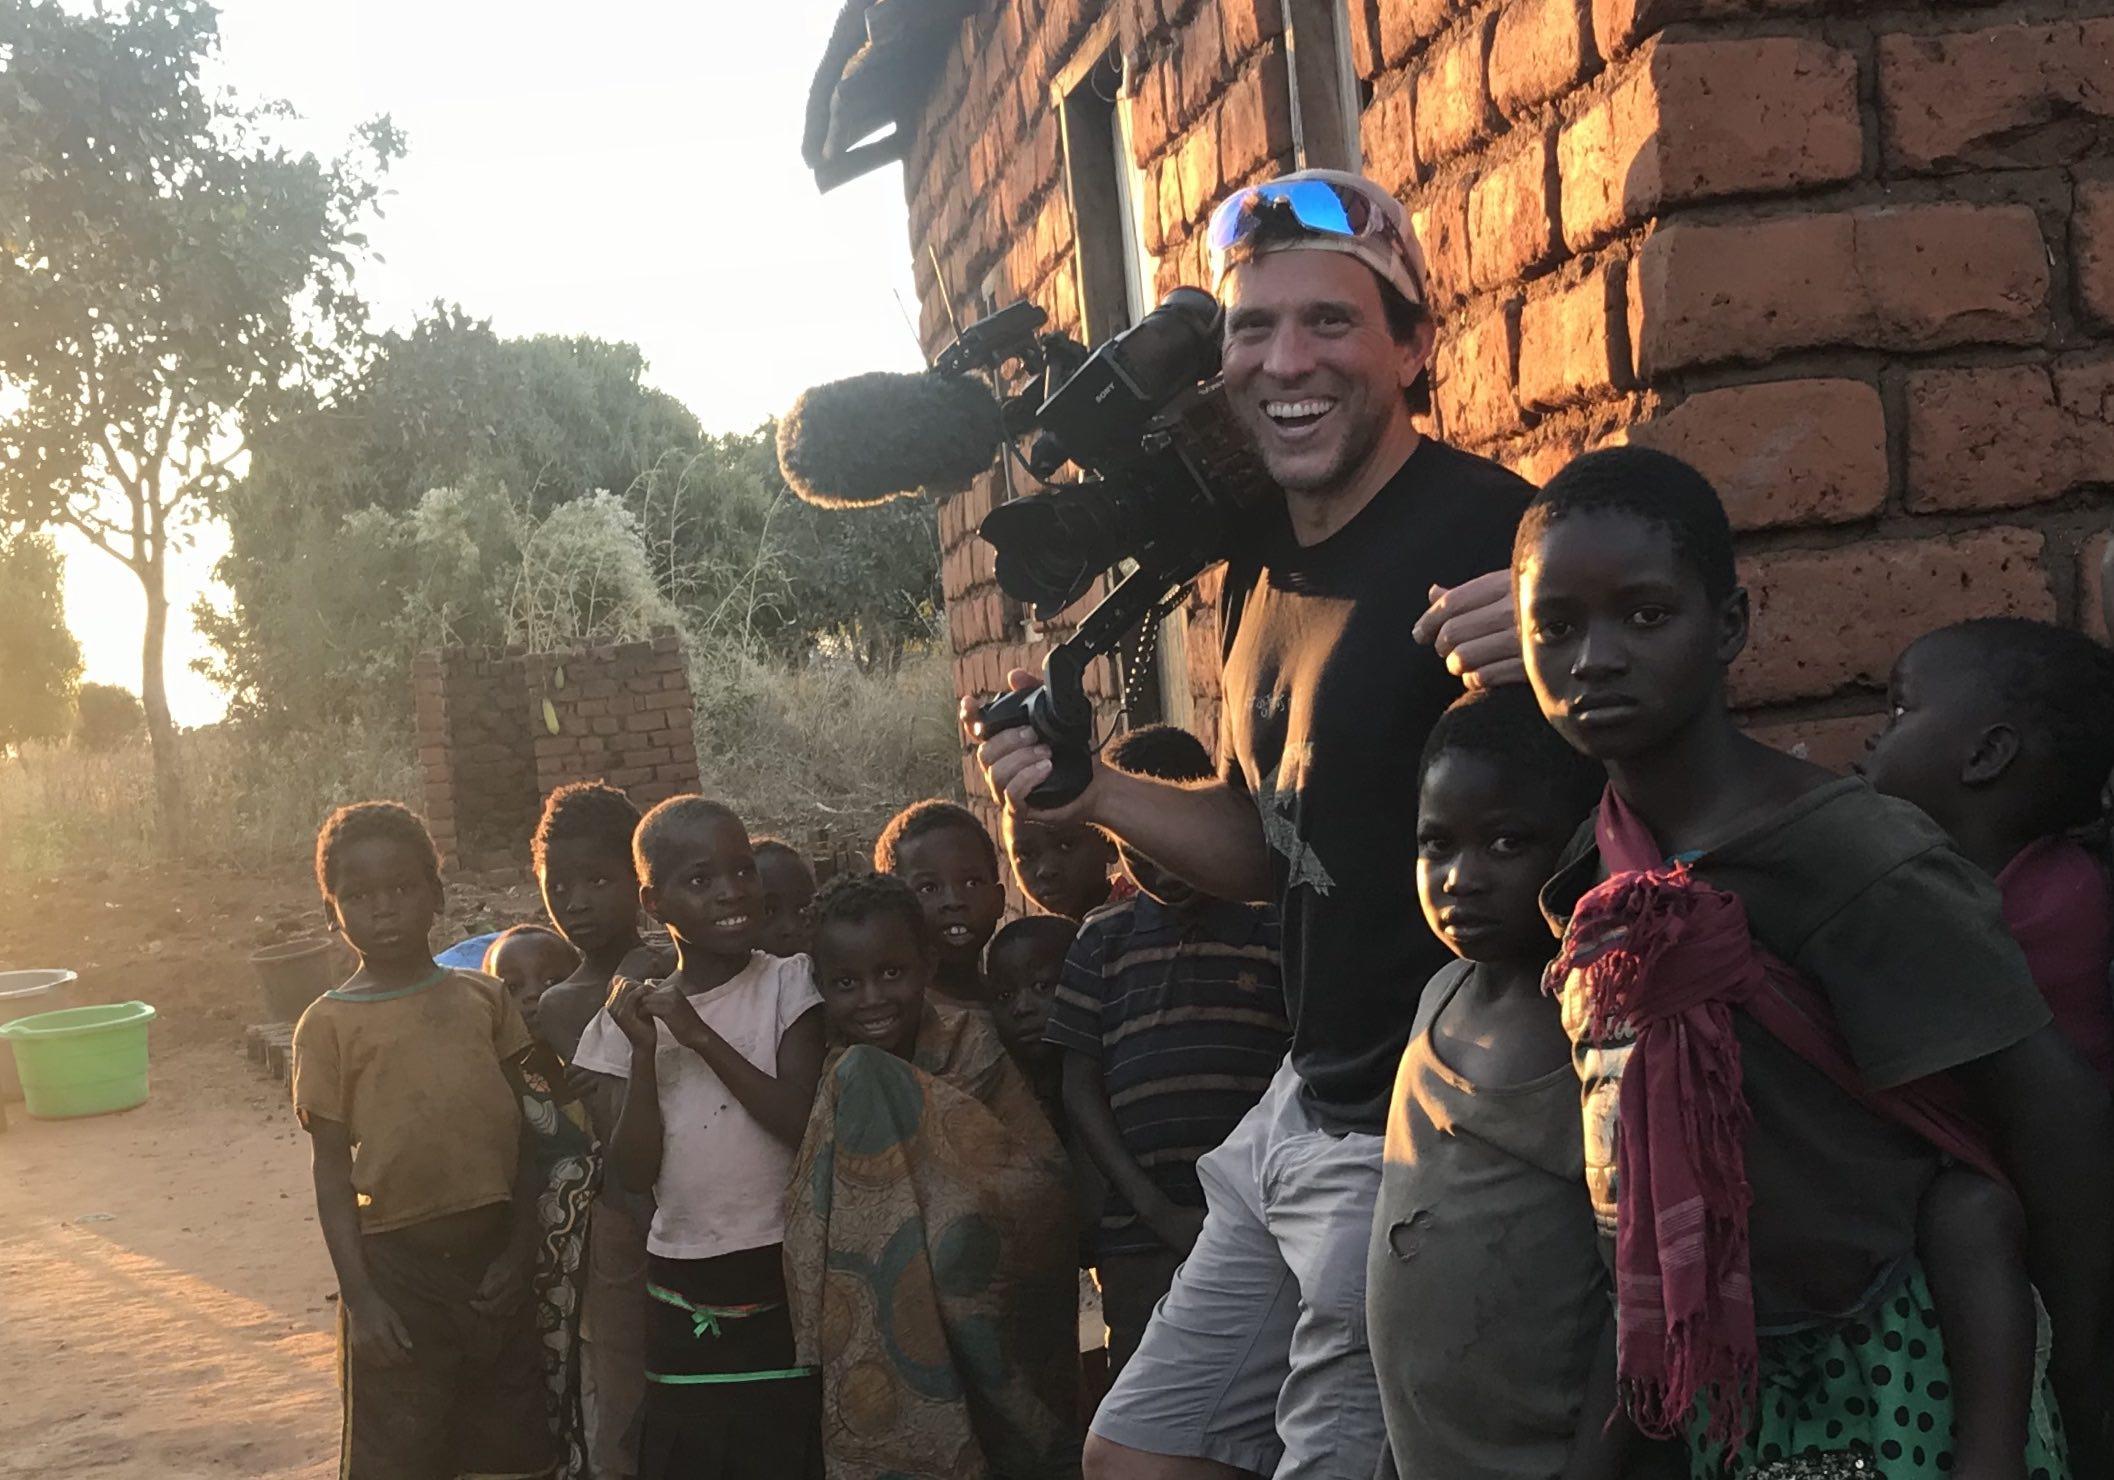 Dorst MediaWorks Director Steve Dorst on location in Malawi